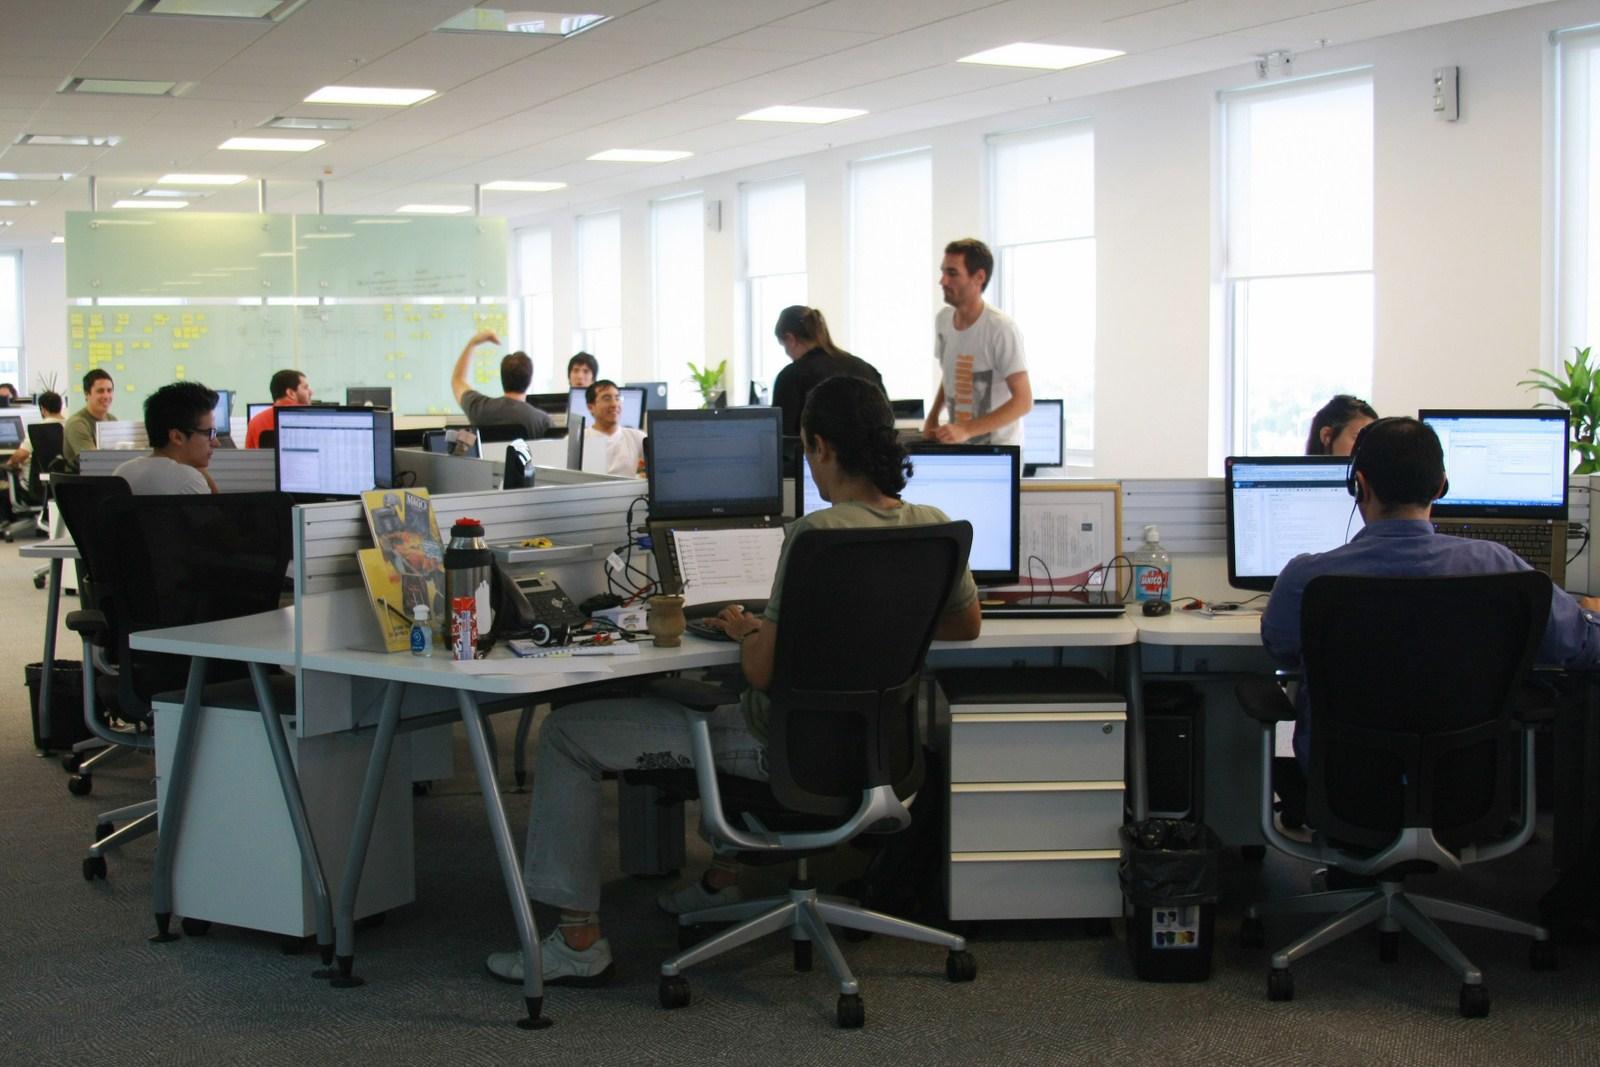 Oficina publica saludable oficinas de mercadolibre en la for Areas de una oficina